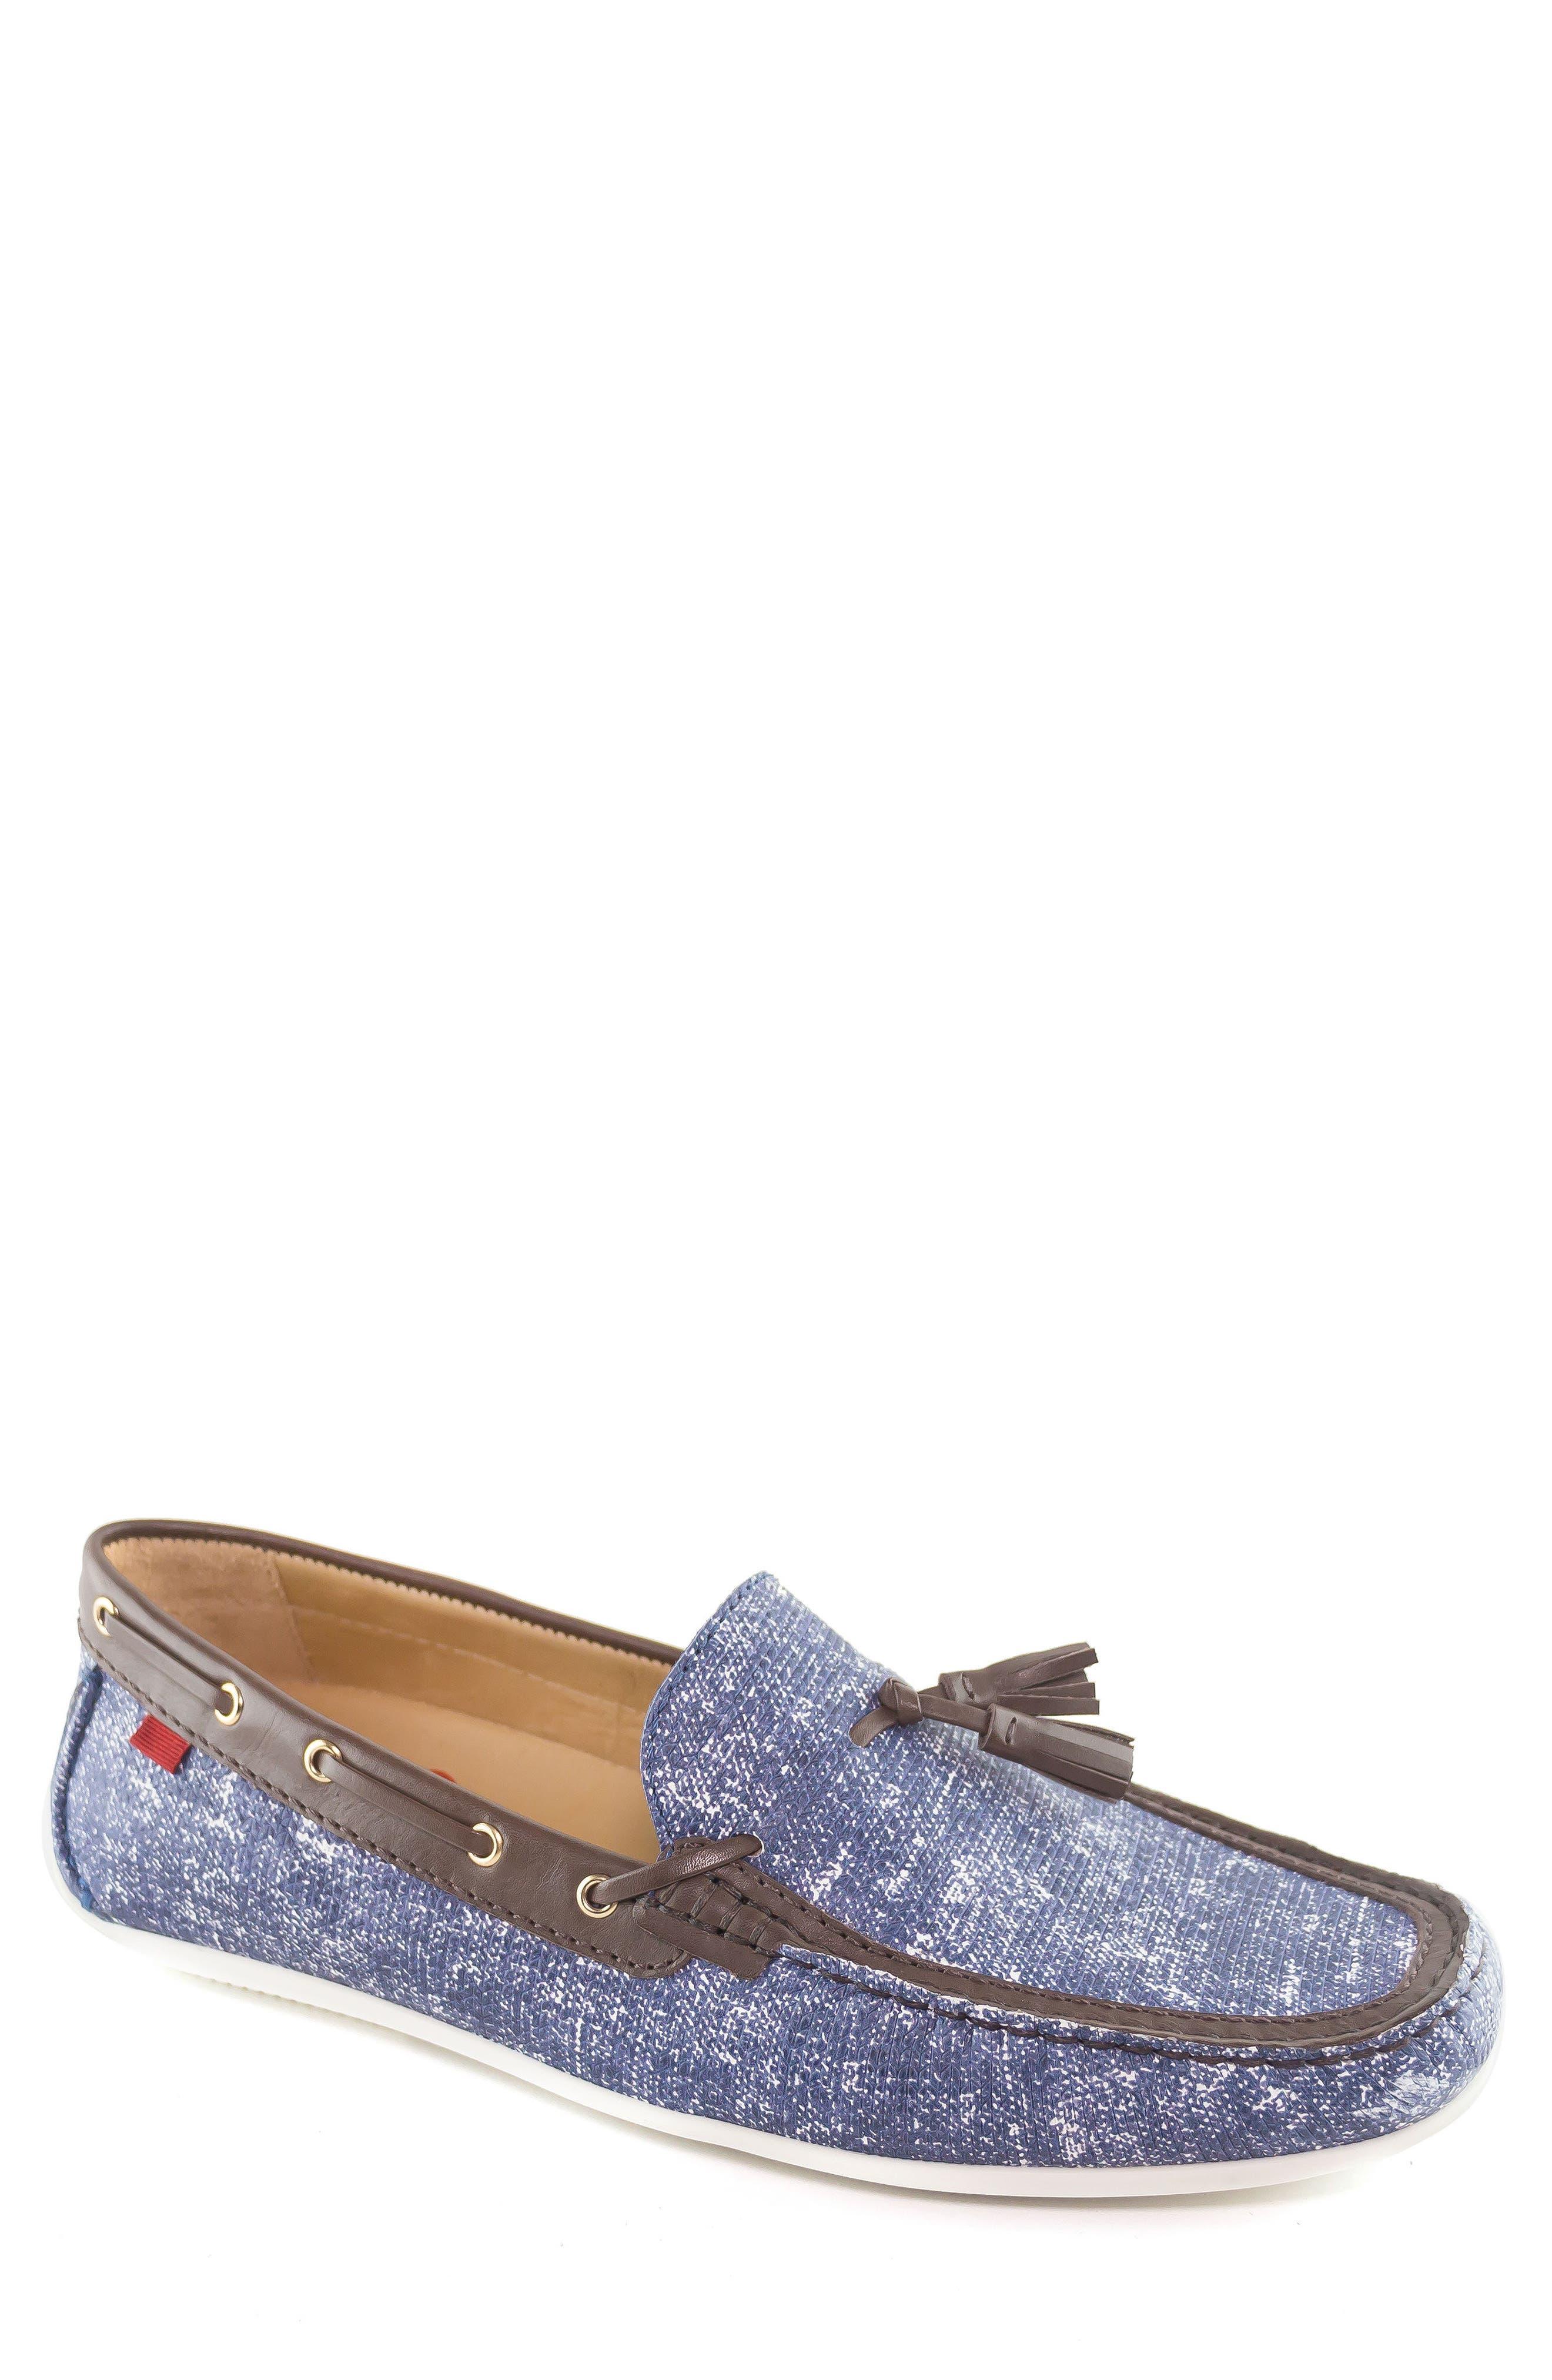 Bushwick Tasseled Driving Loafer,                         Main,                         color, Jeans Blue